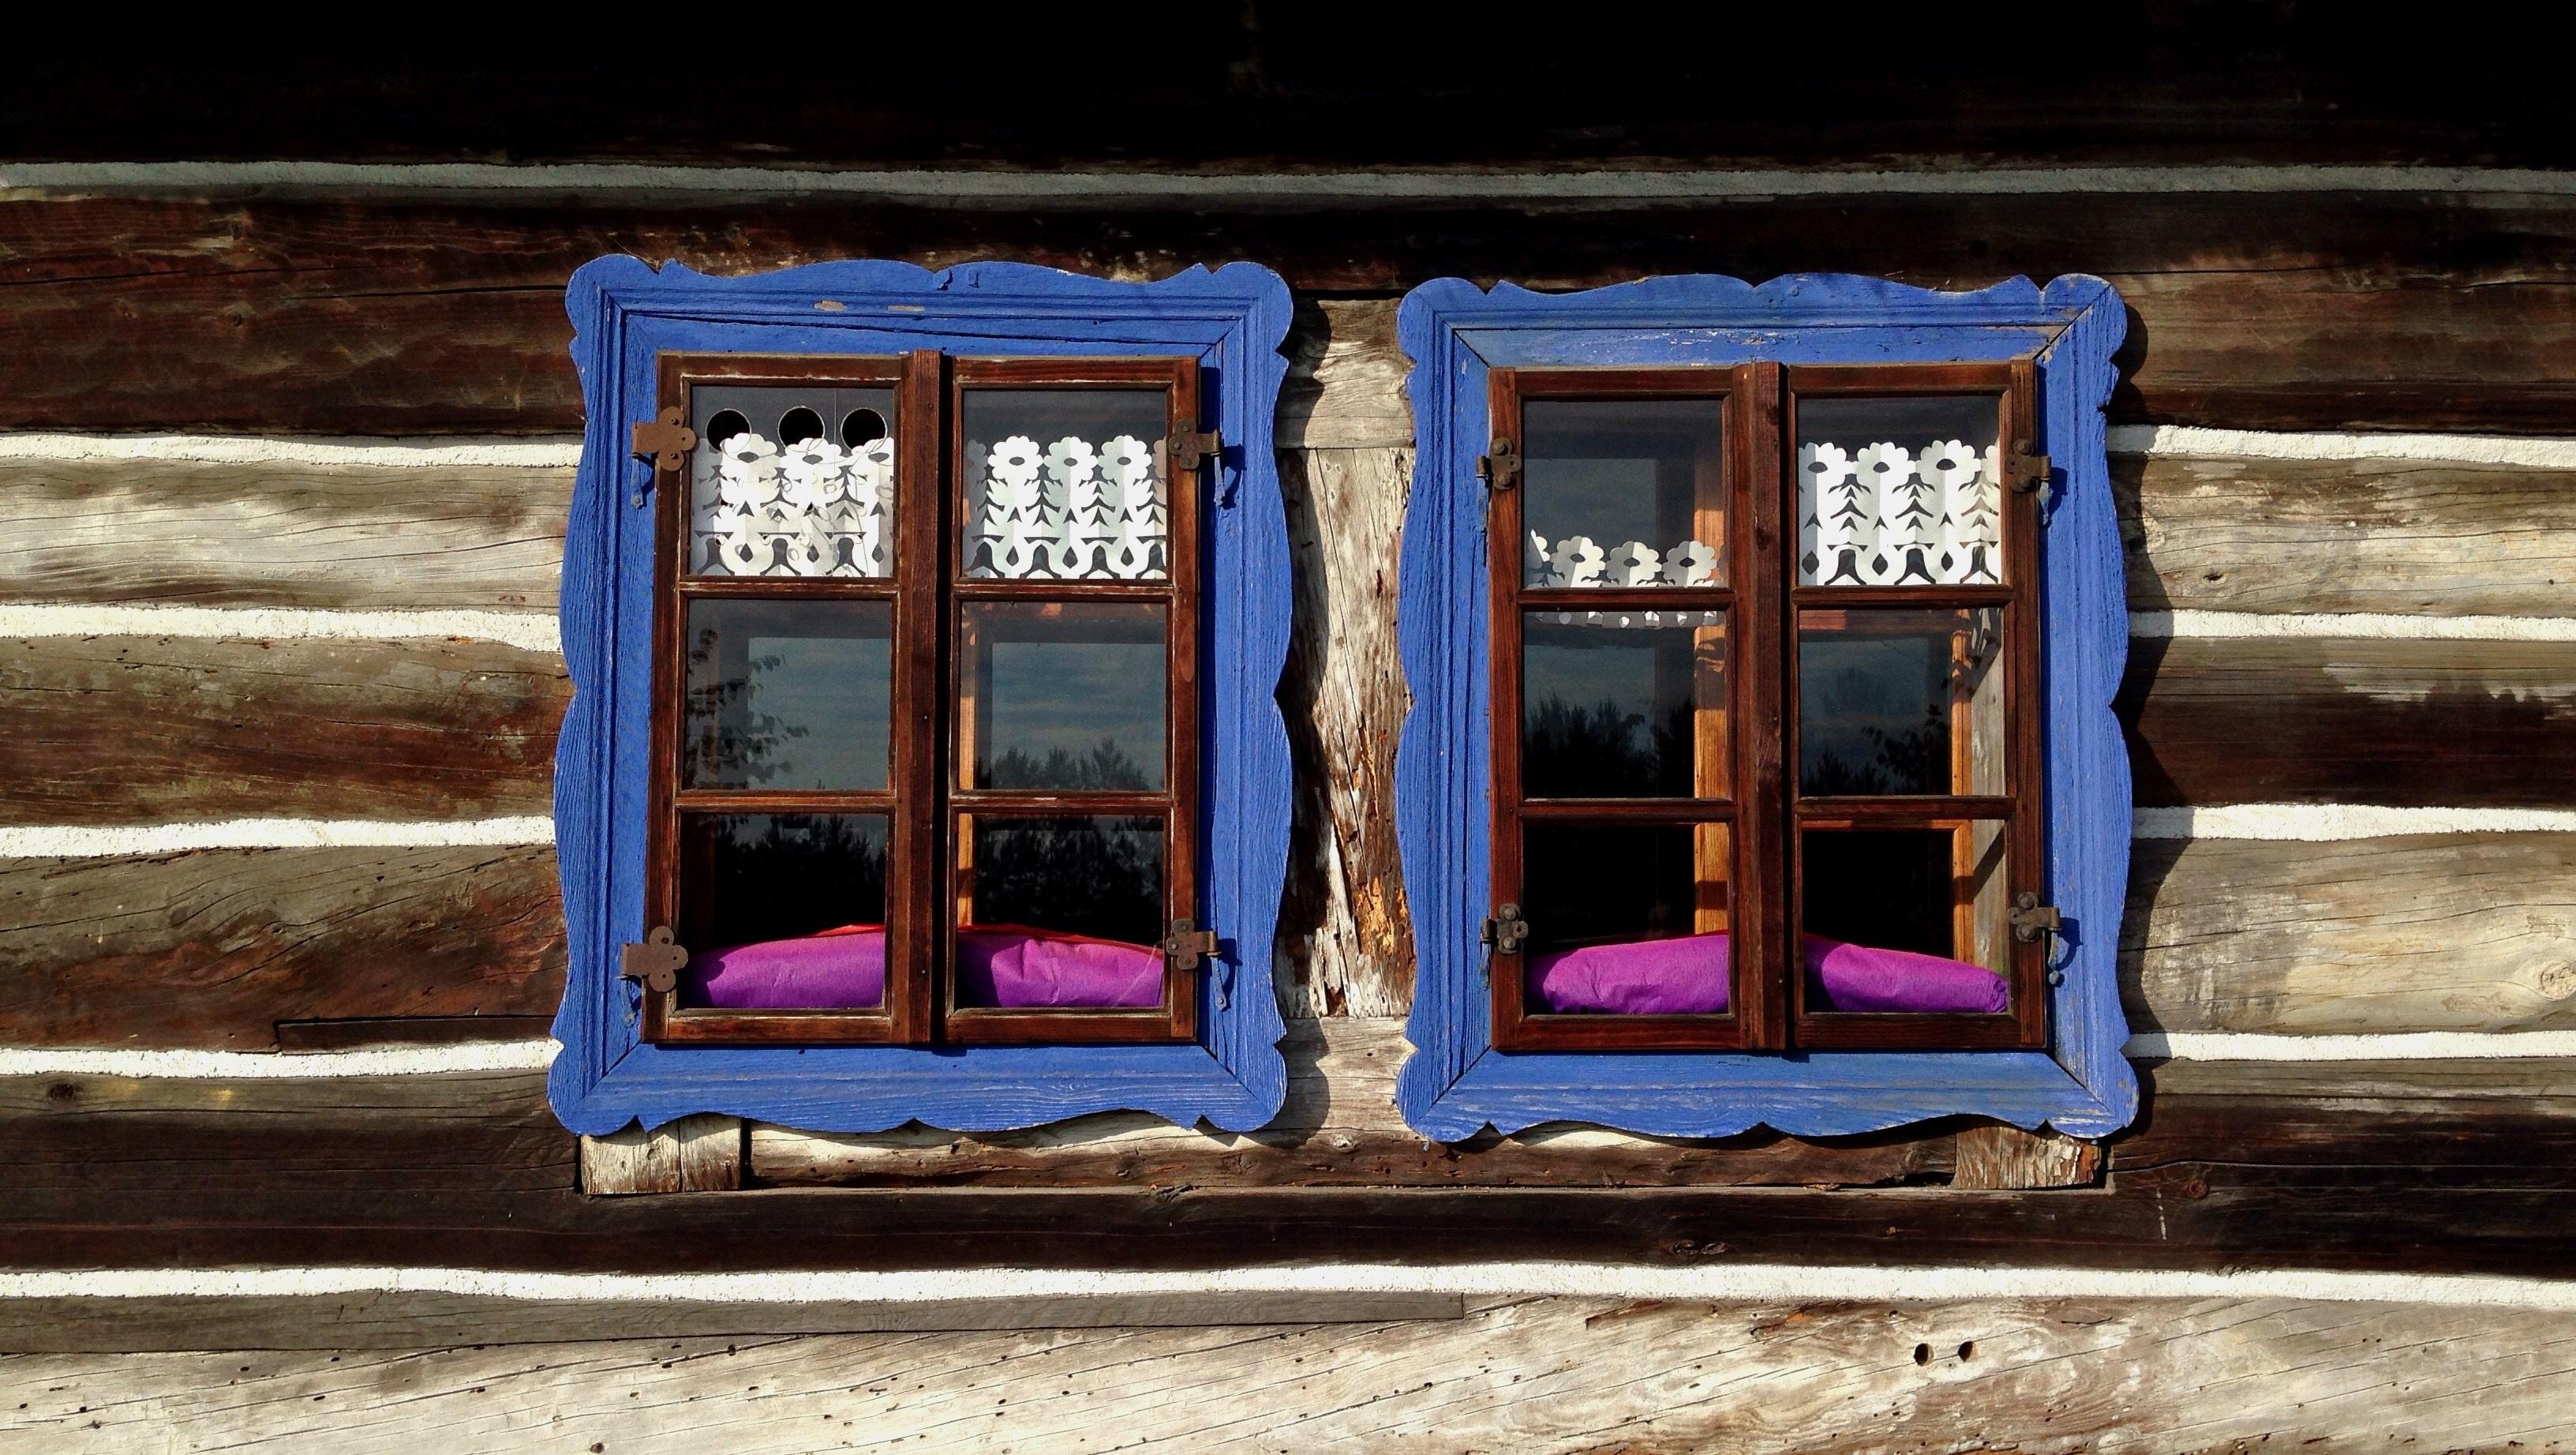 Kostenlose foto : Holz, Hütte, Farbe, blau, Polen, Bilderrahmen, das ...